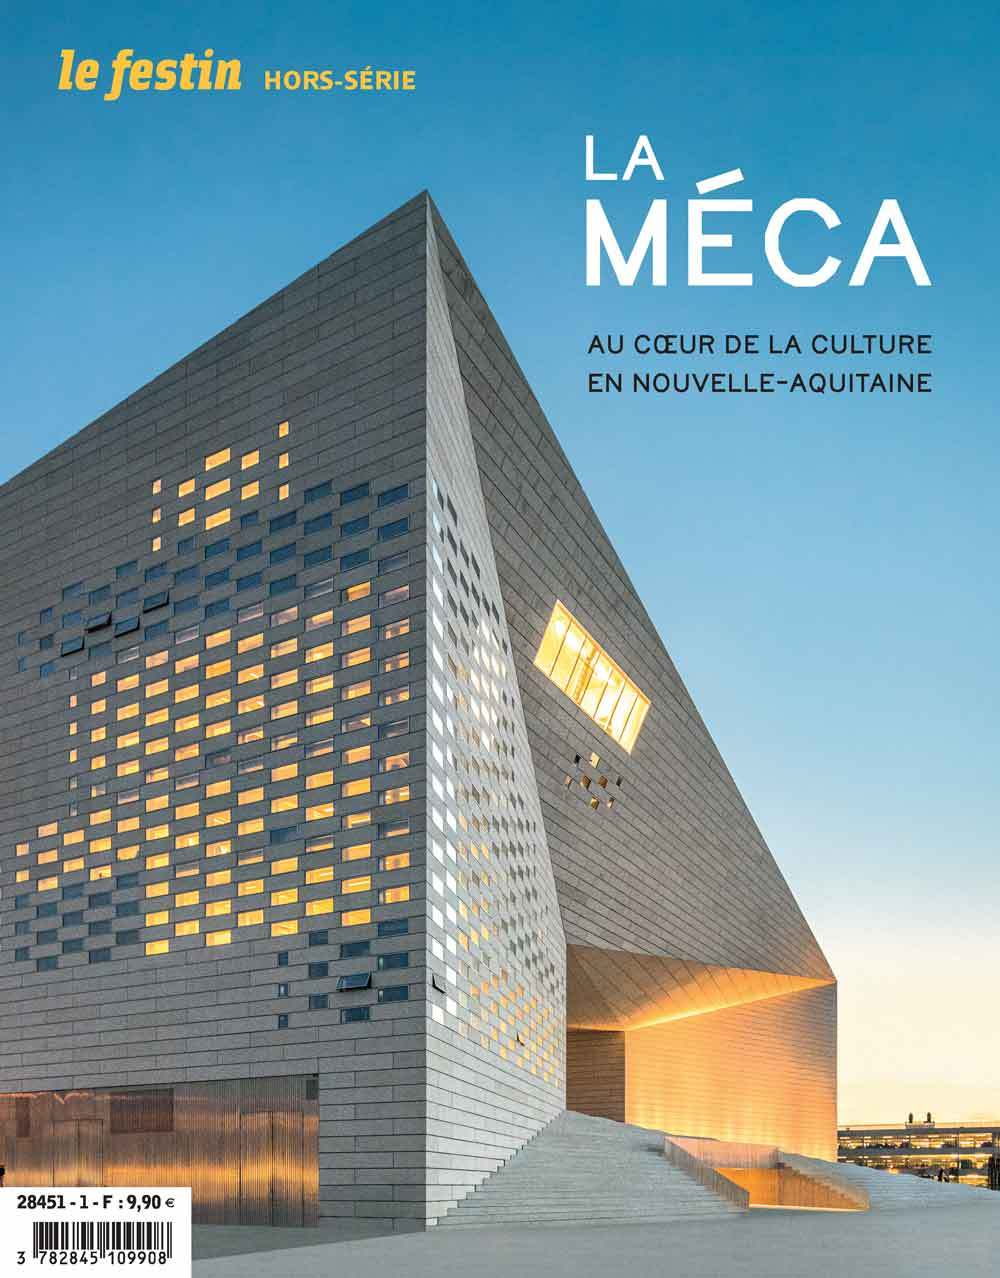 LA MECA AU COEUR DE LA CULTURE EN NOUVELLE AQUITAINE